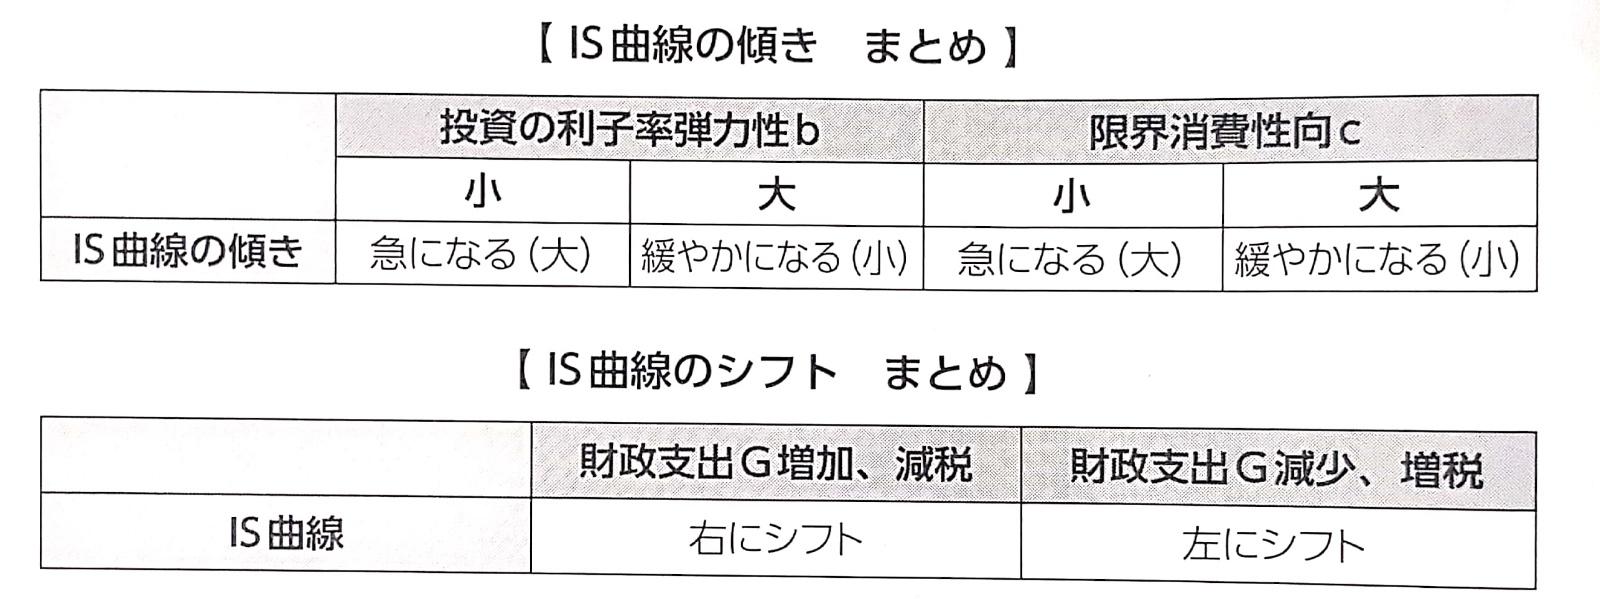 新規ドキュメント 2019-01-25 22.32.40_2